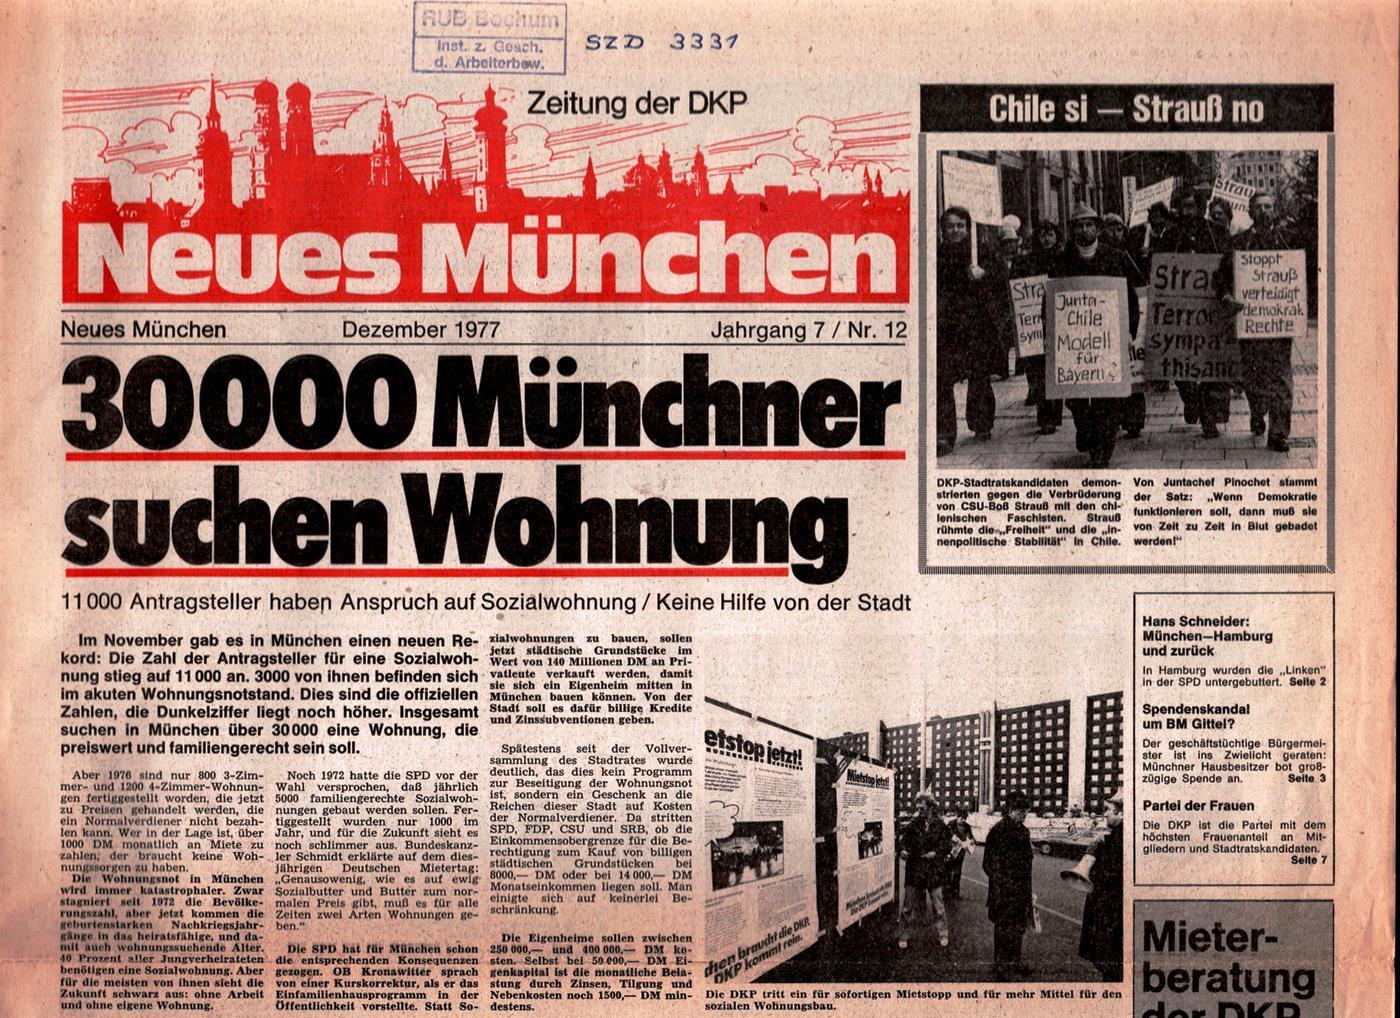 Muenchen_DKP_Neues_Muenchen_19771200_012_001